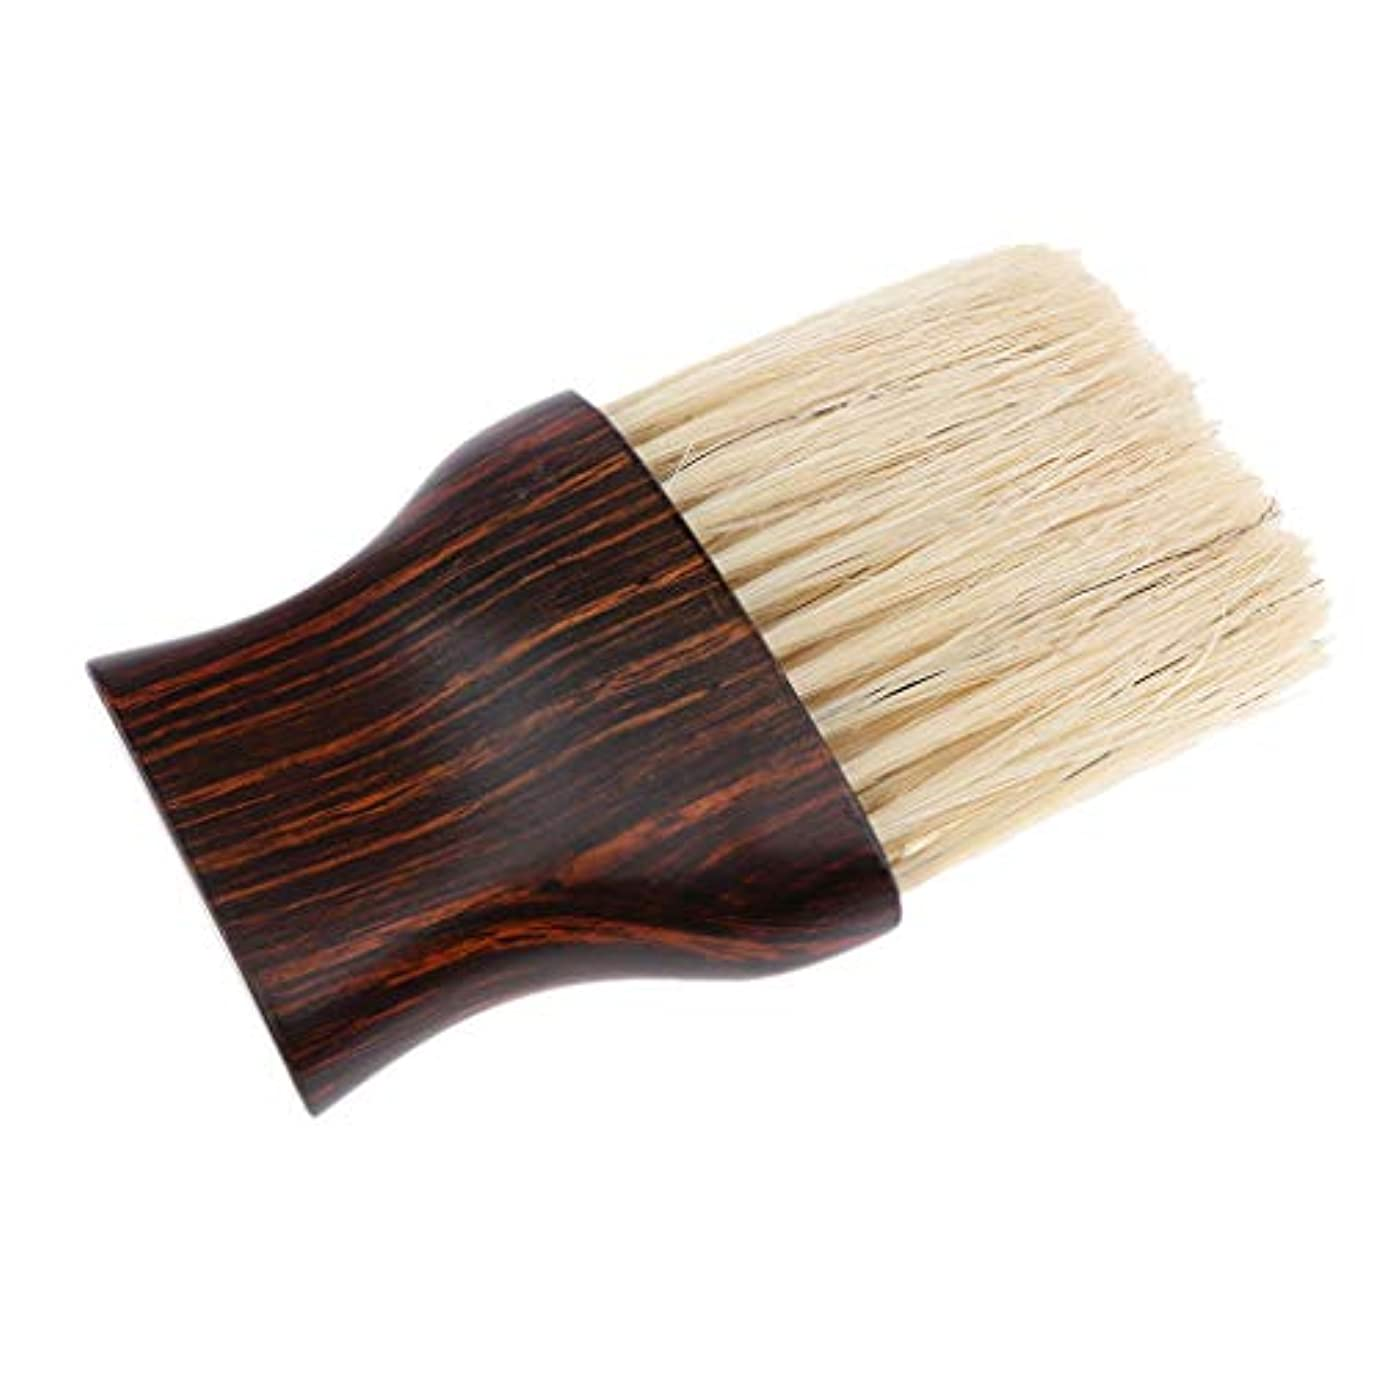 ご意見パン盆T TOOYFUL ヘアブラシ 毛払いブラシ 散髪 髪切り 散髪用ツール 床屋 理髪店 美容院 ソフトブラシ